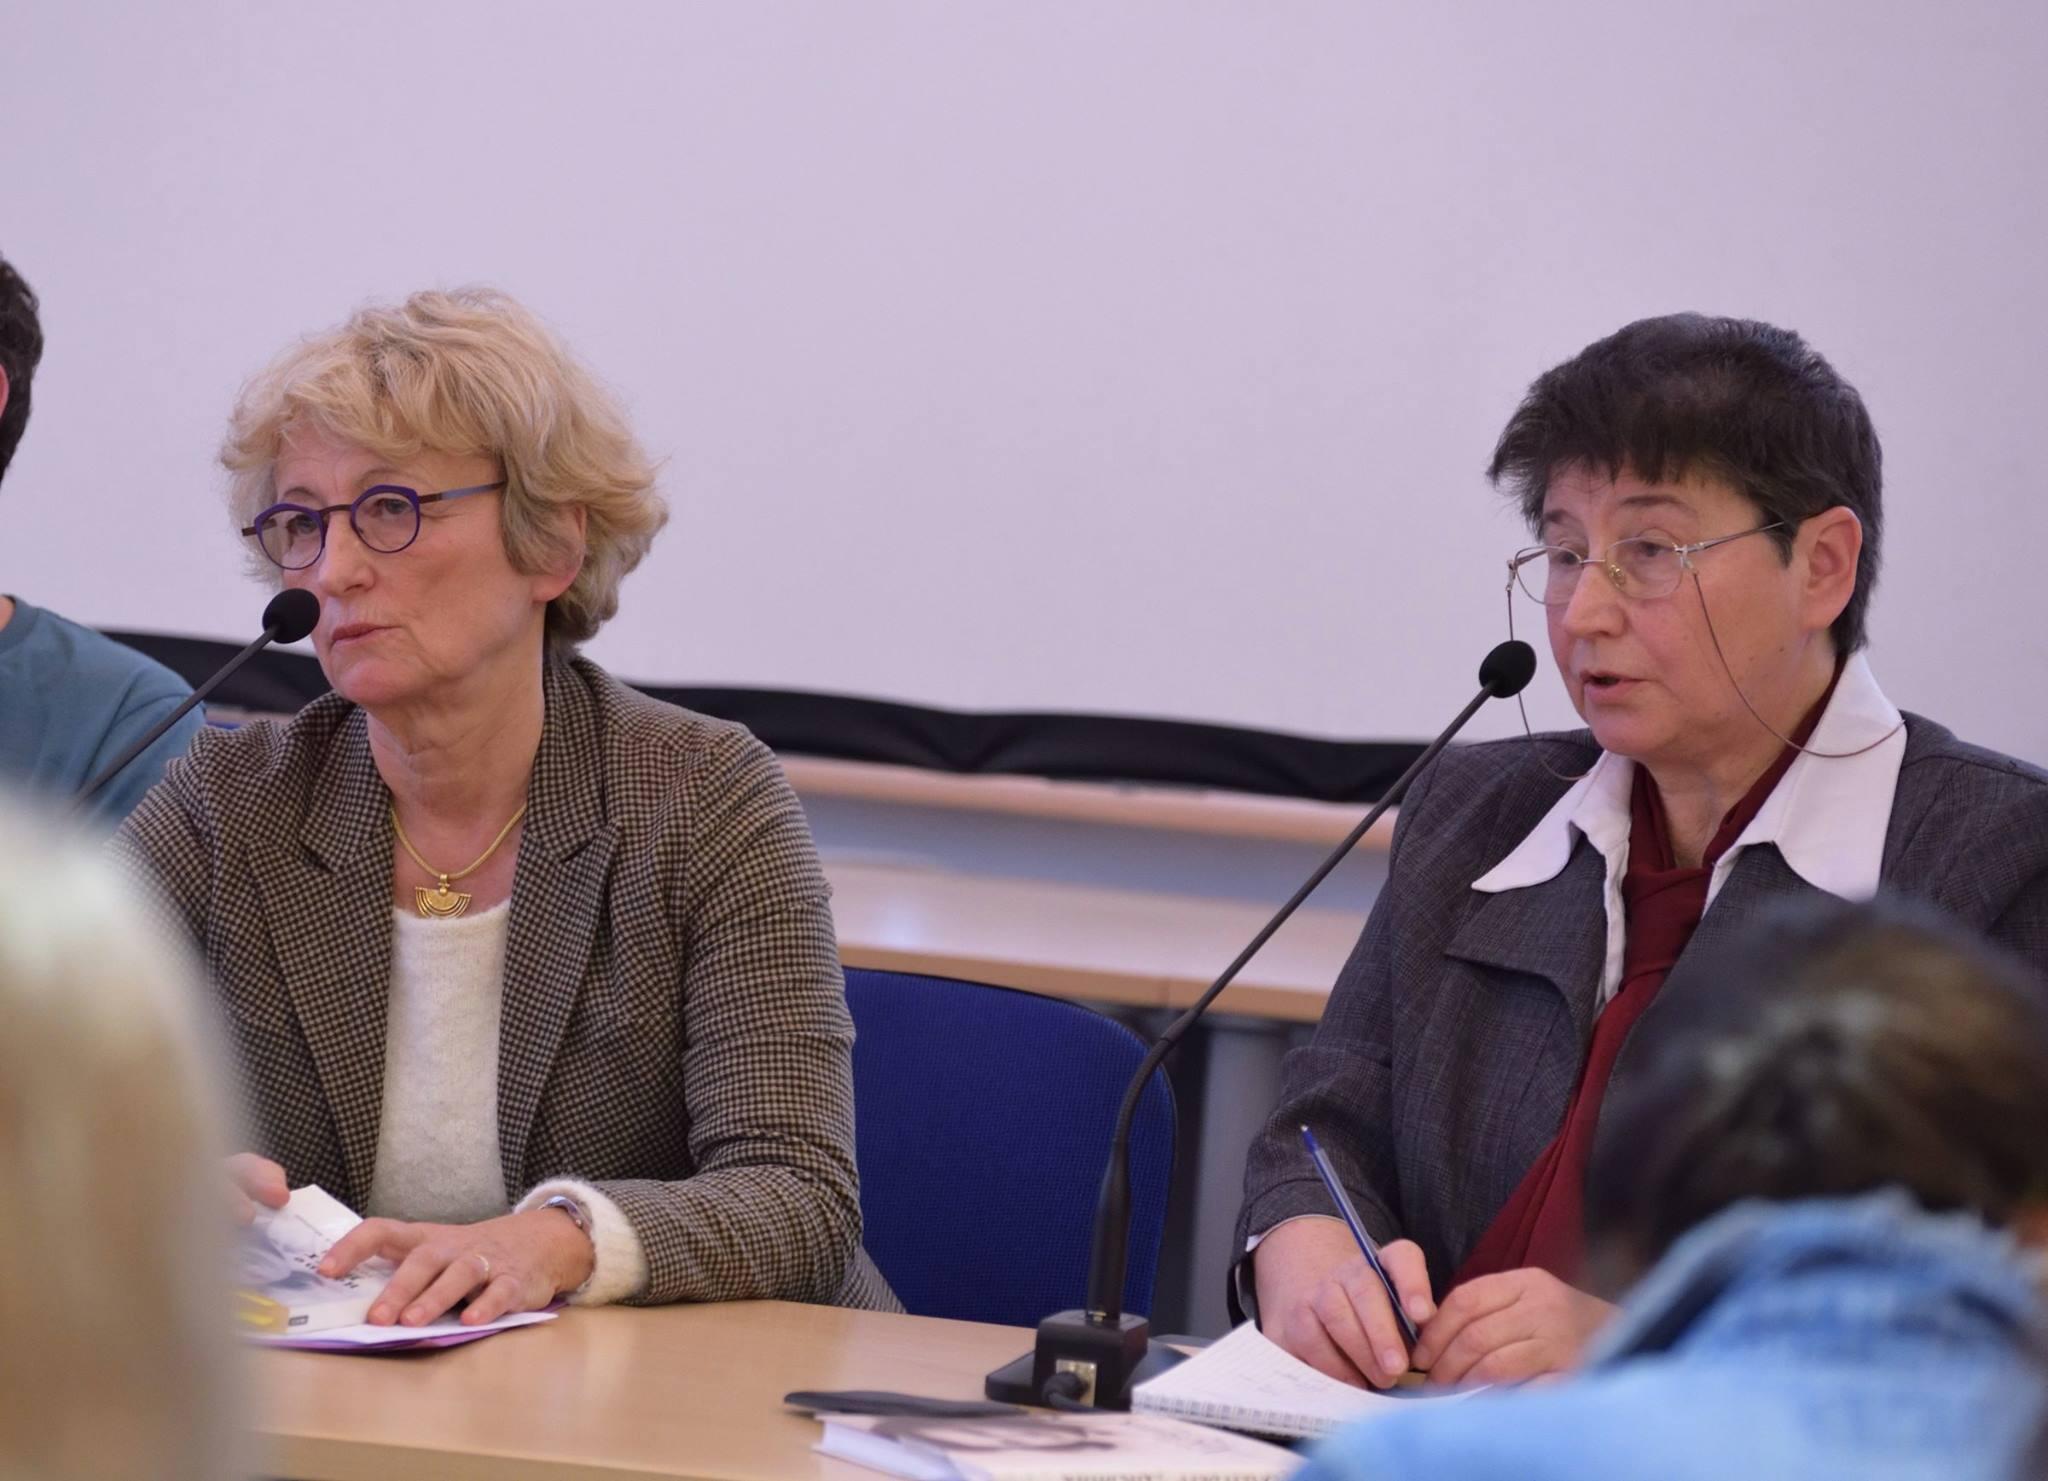 Мариэтта Жоб на презентации «Дневника» Элен Берр в Москве, декабрь 2016 года